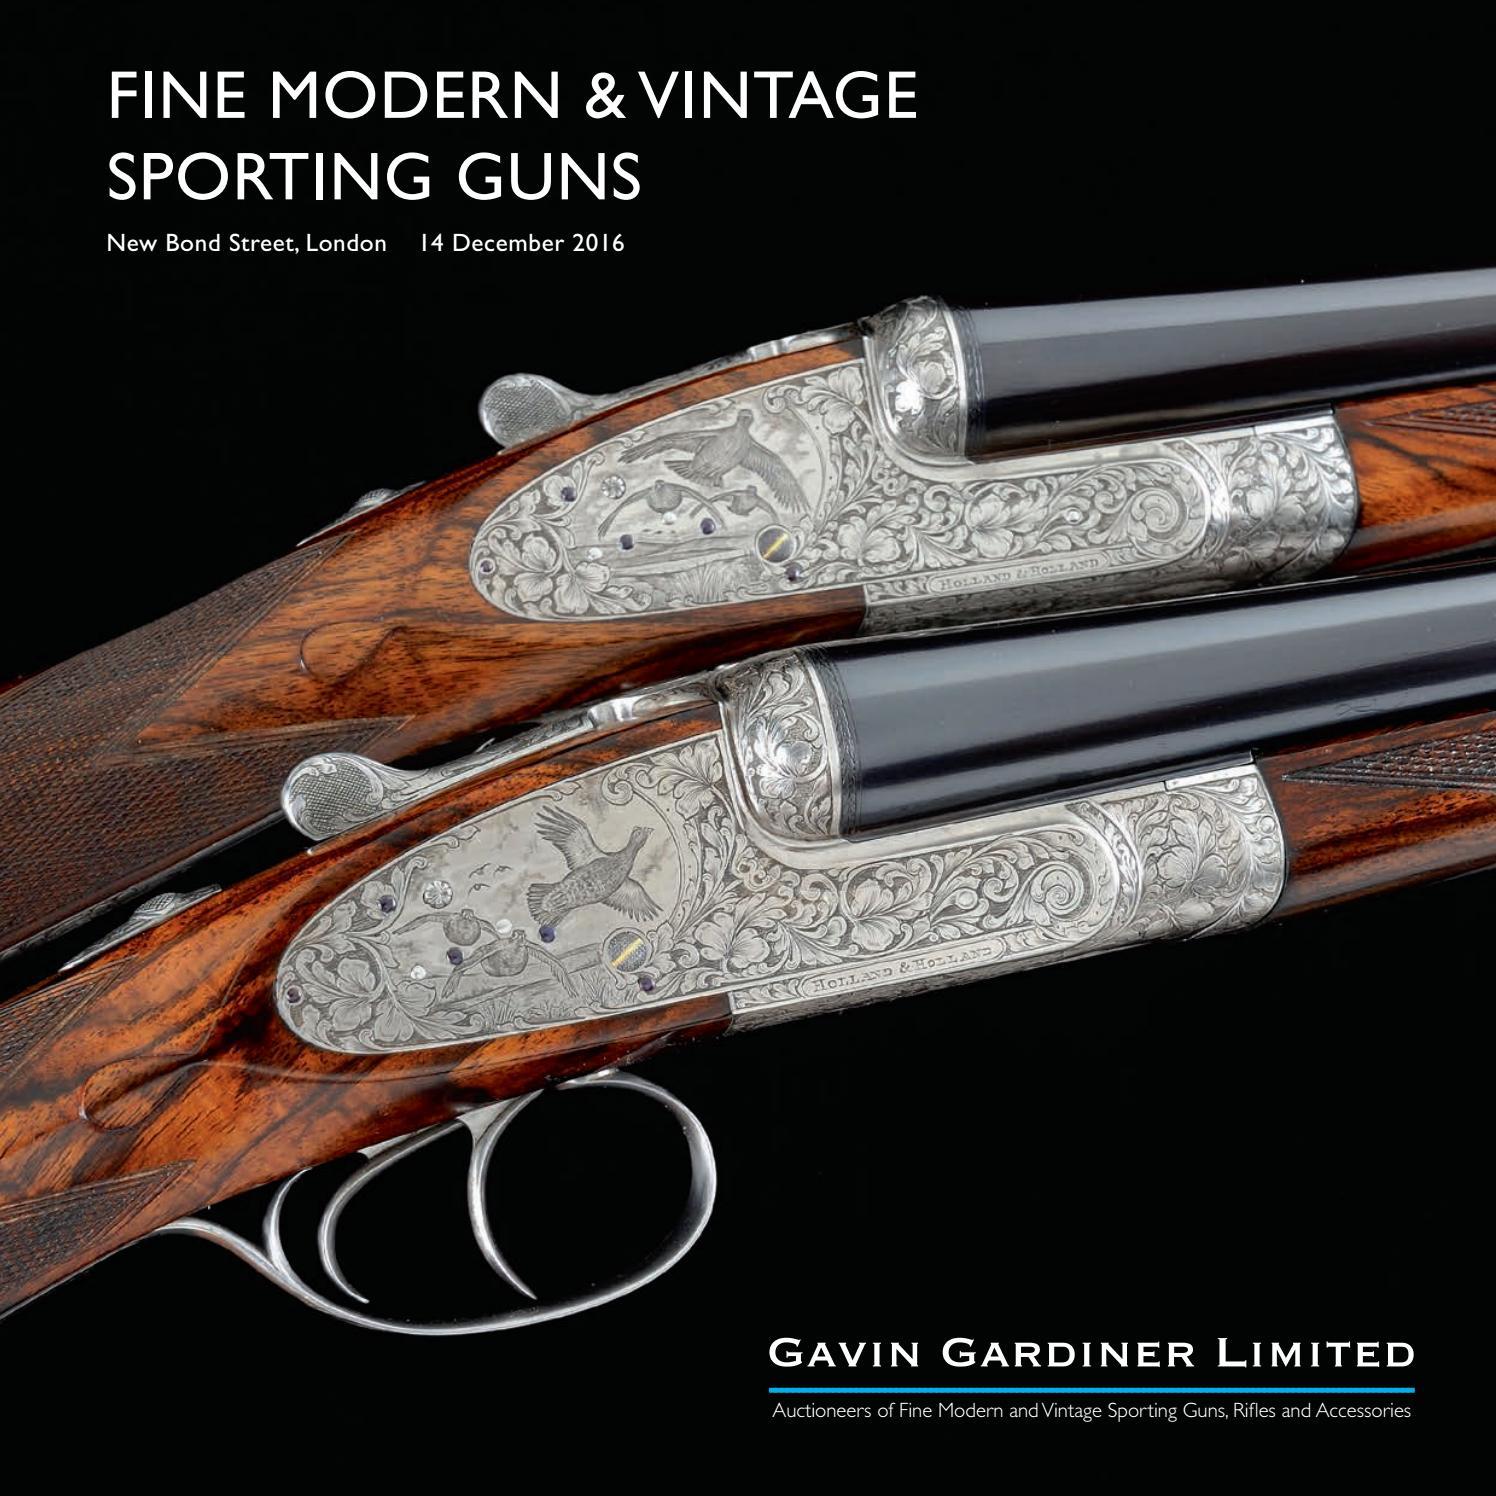 Gavin Gardiner Limited by Jamm Design Ltd - issuu